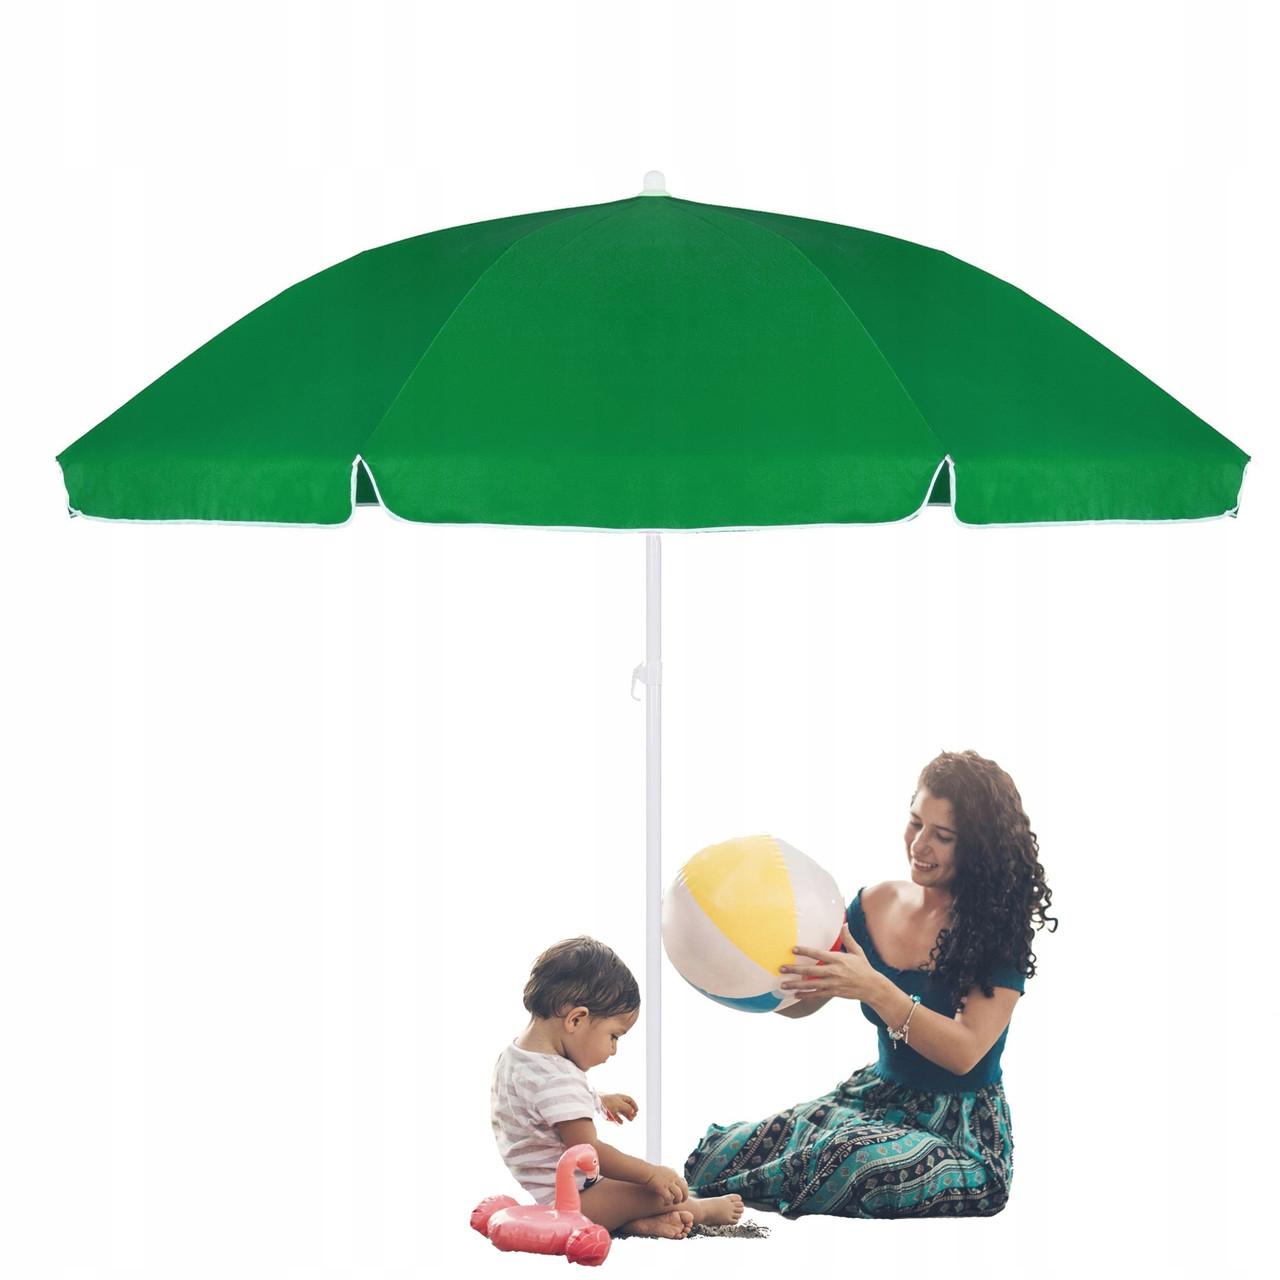 Пляжный (садовый) зонт усиленный с регулируемой высотой Springos 240 см BU0004